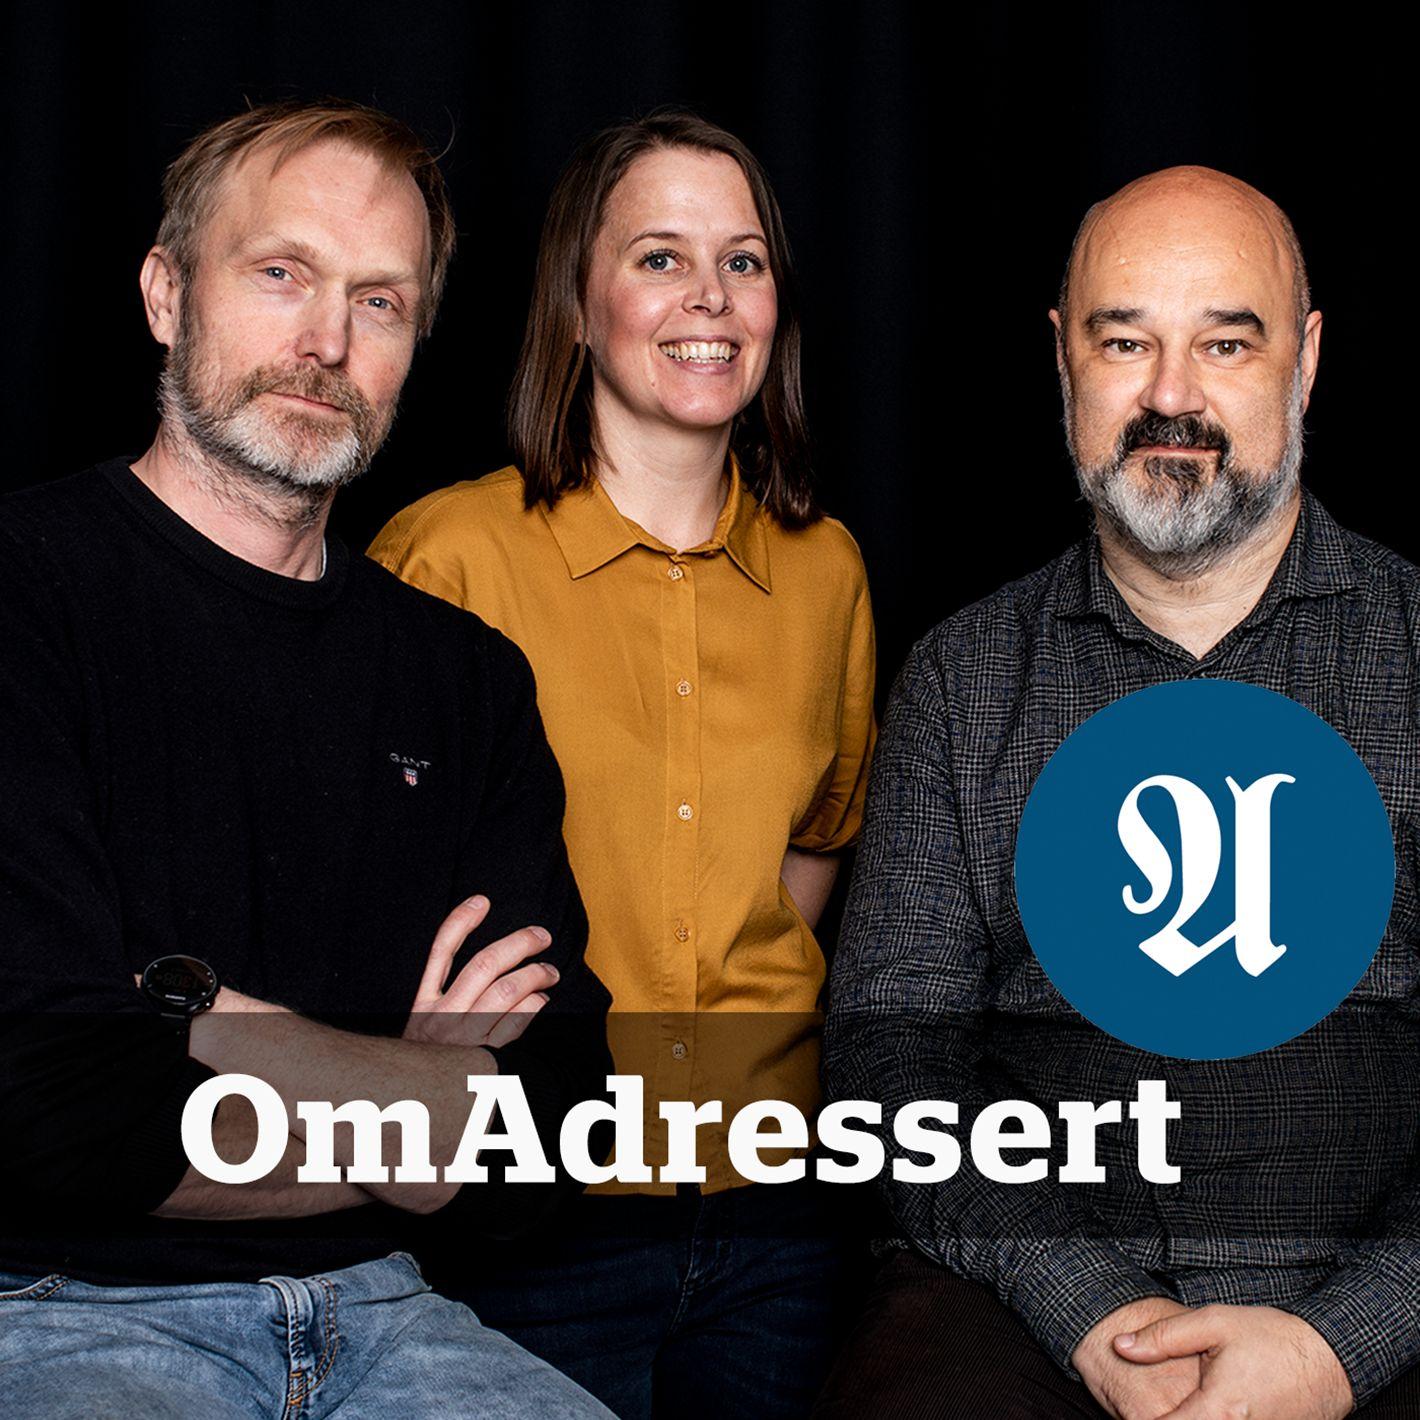 Røde Trondheim, Sp skaper spenning i Trøndelag, bompengepanikken og Olsen-banden 50 år